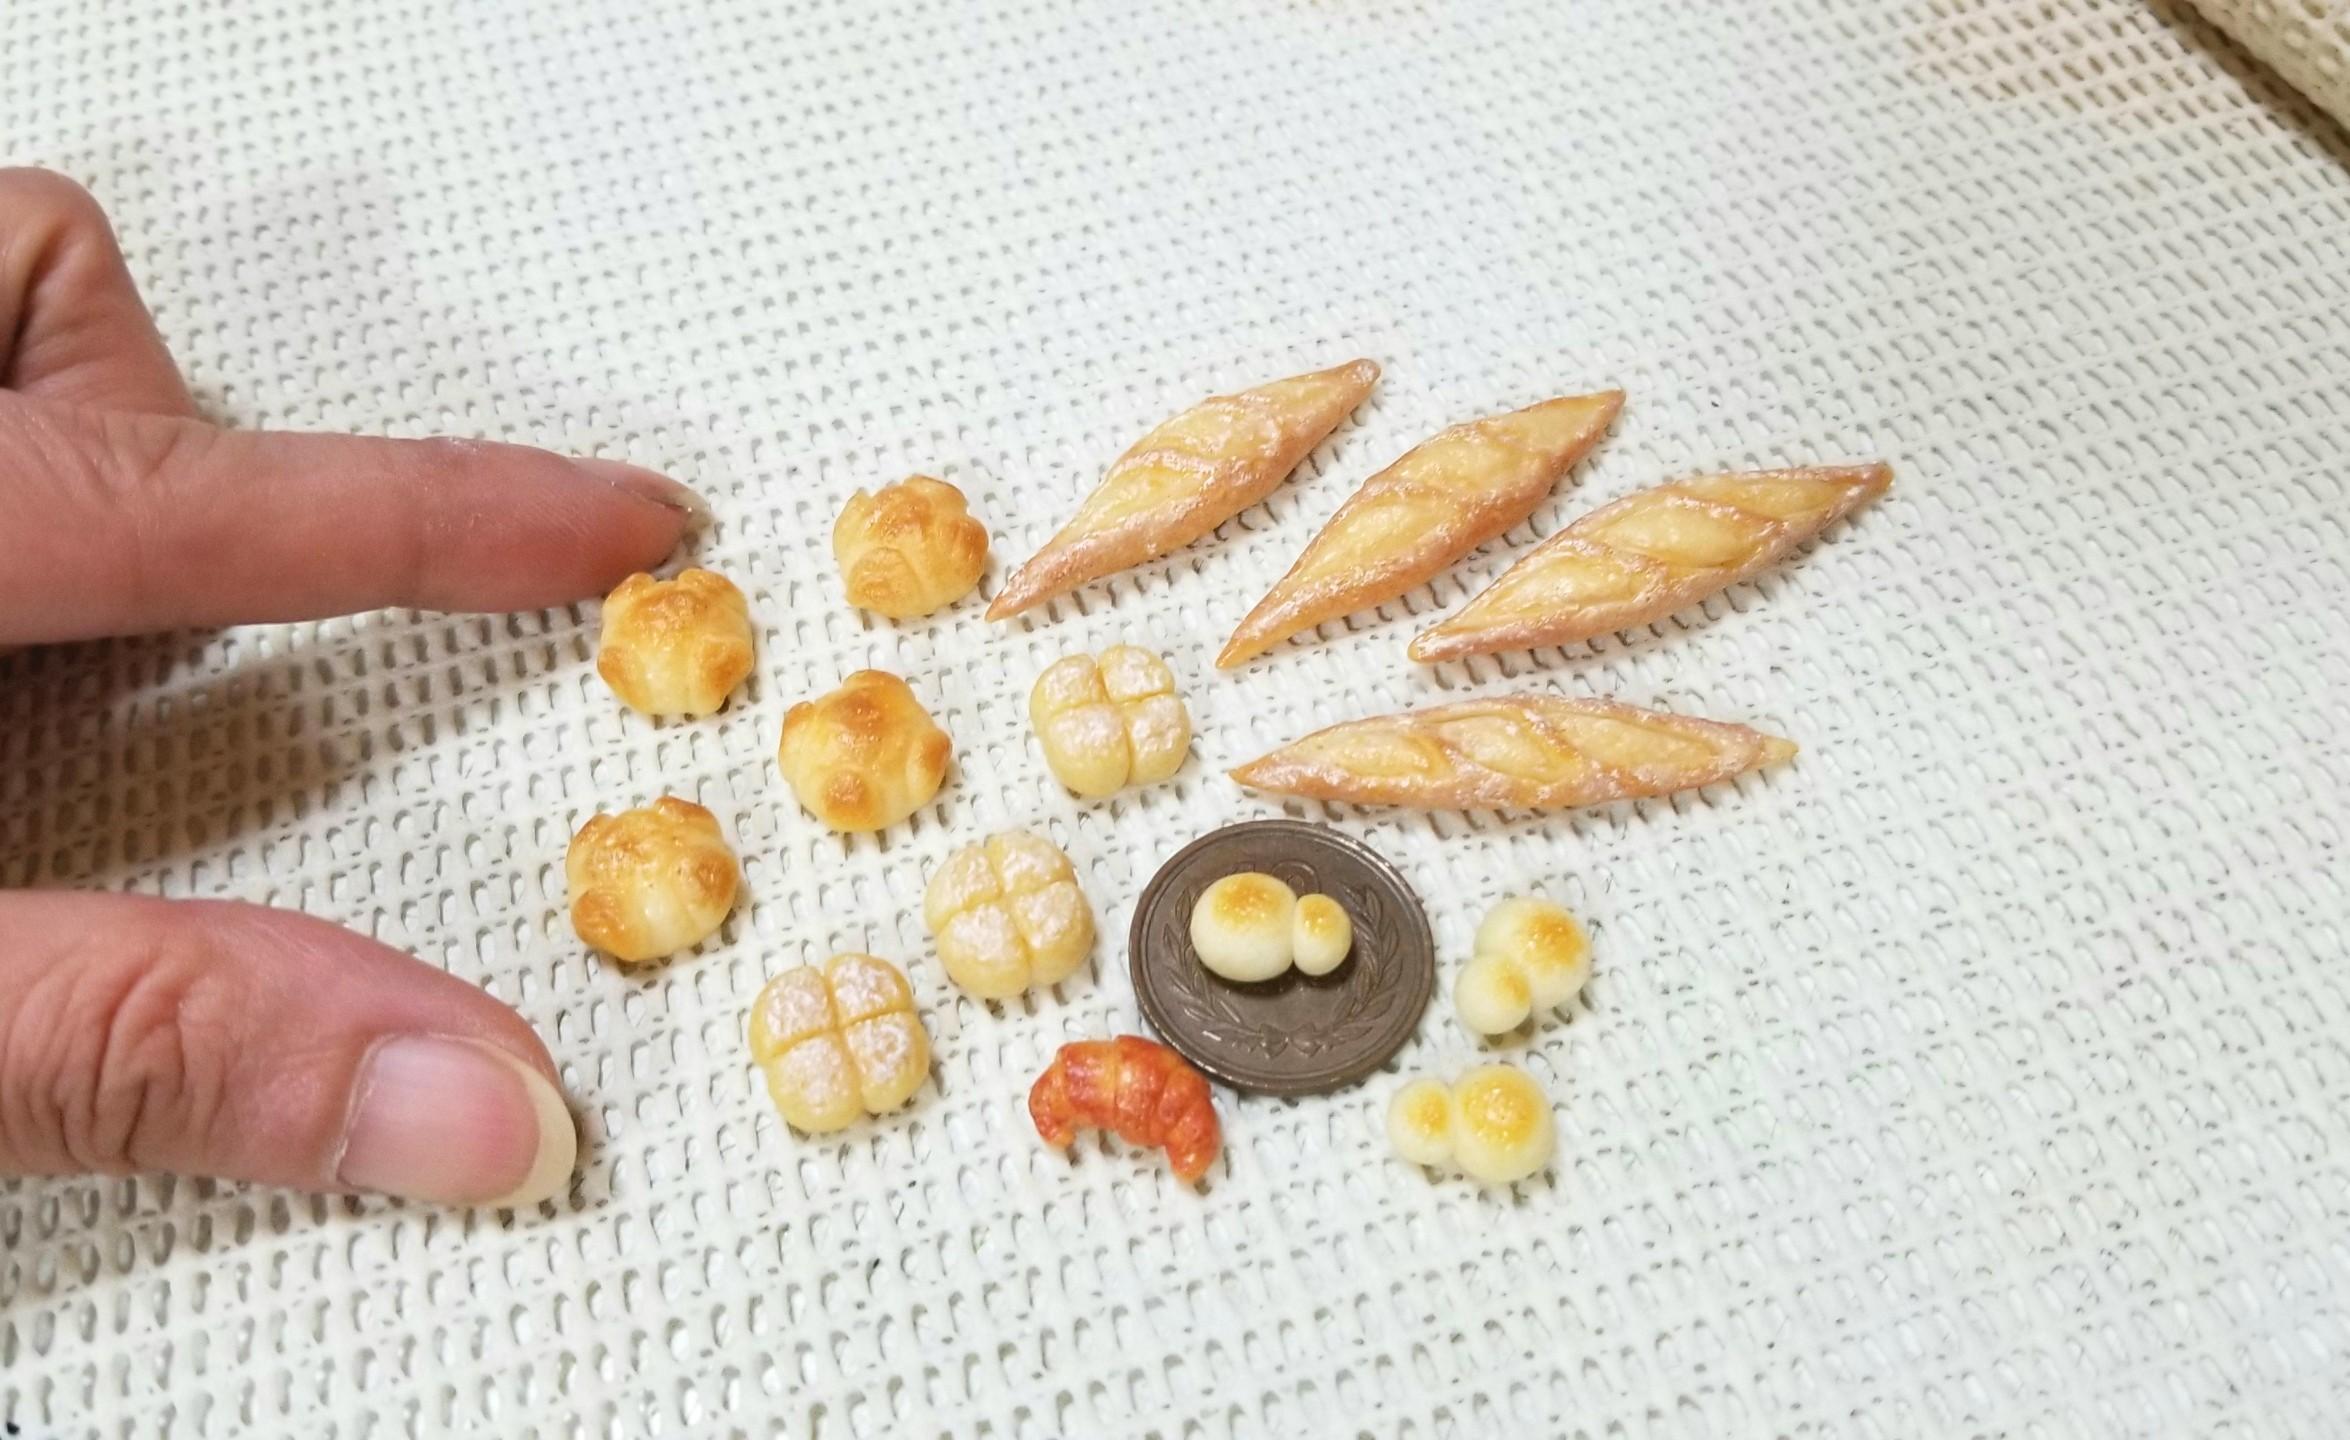 ミニチュアフード,パン,樹脂粘土,ミンネ,オーダーメイド,ドール